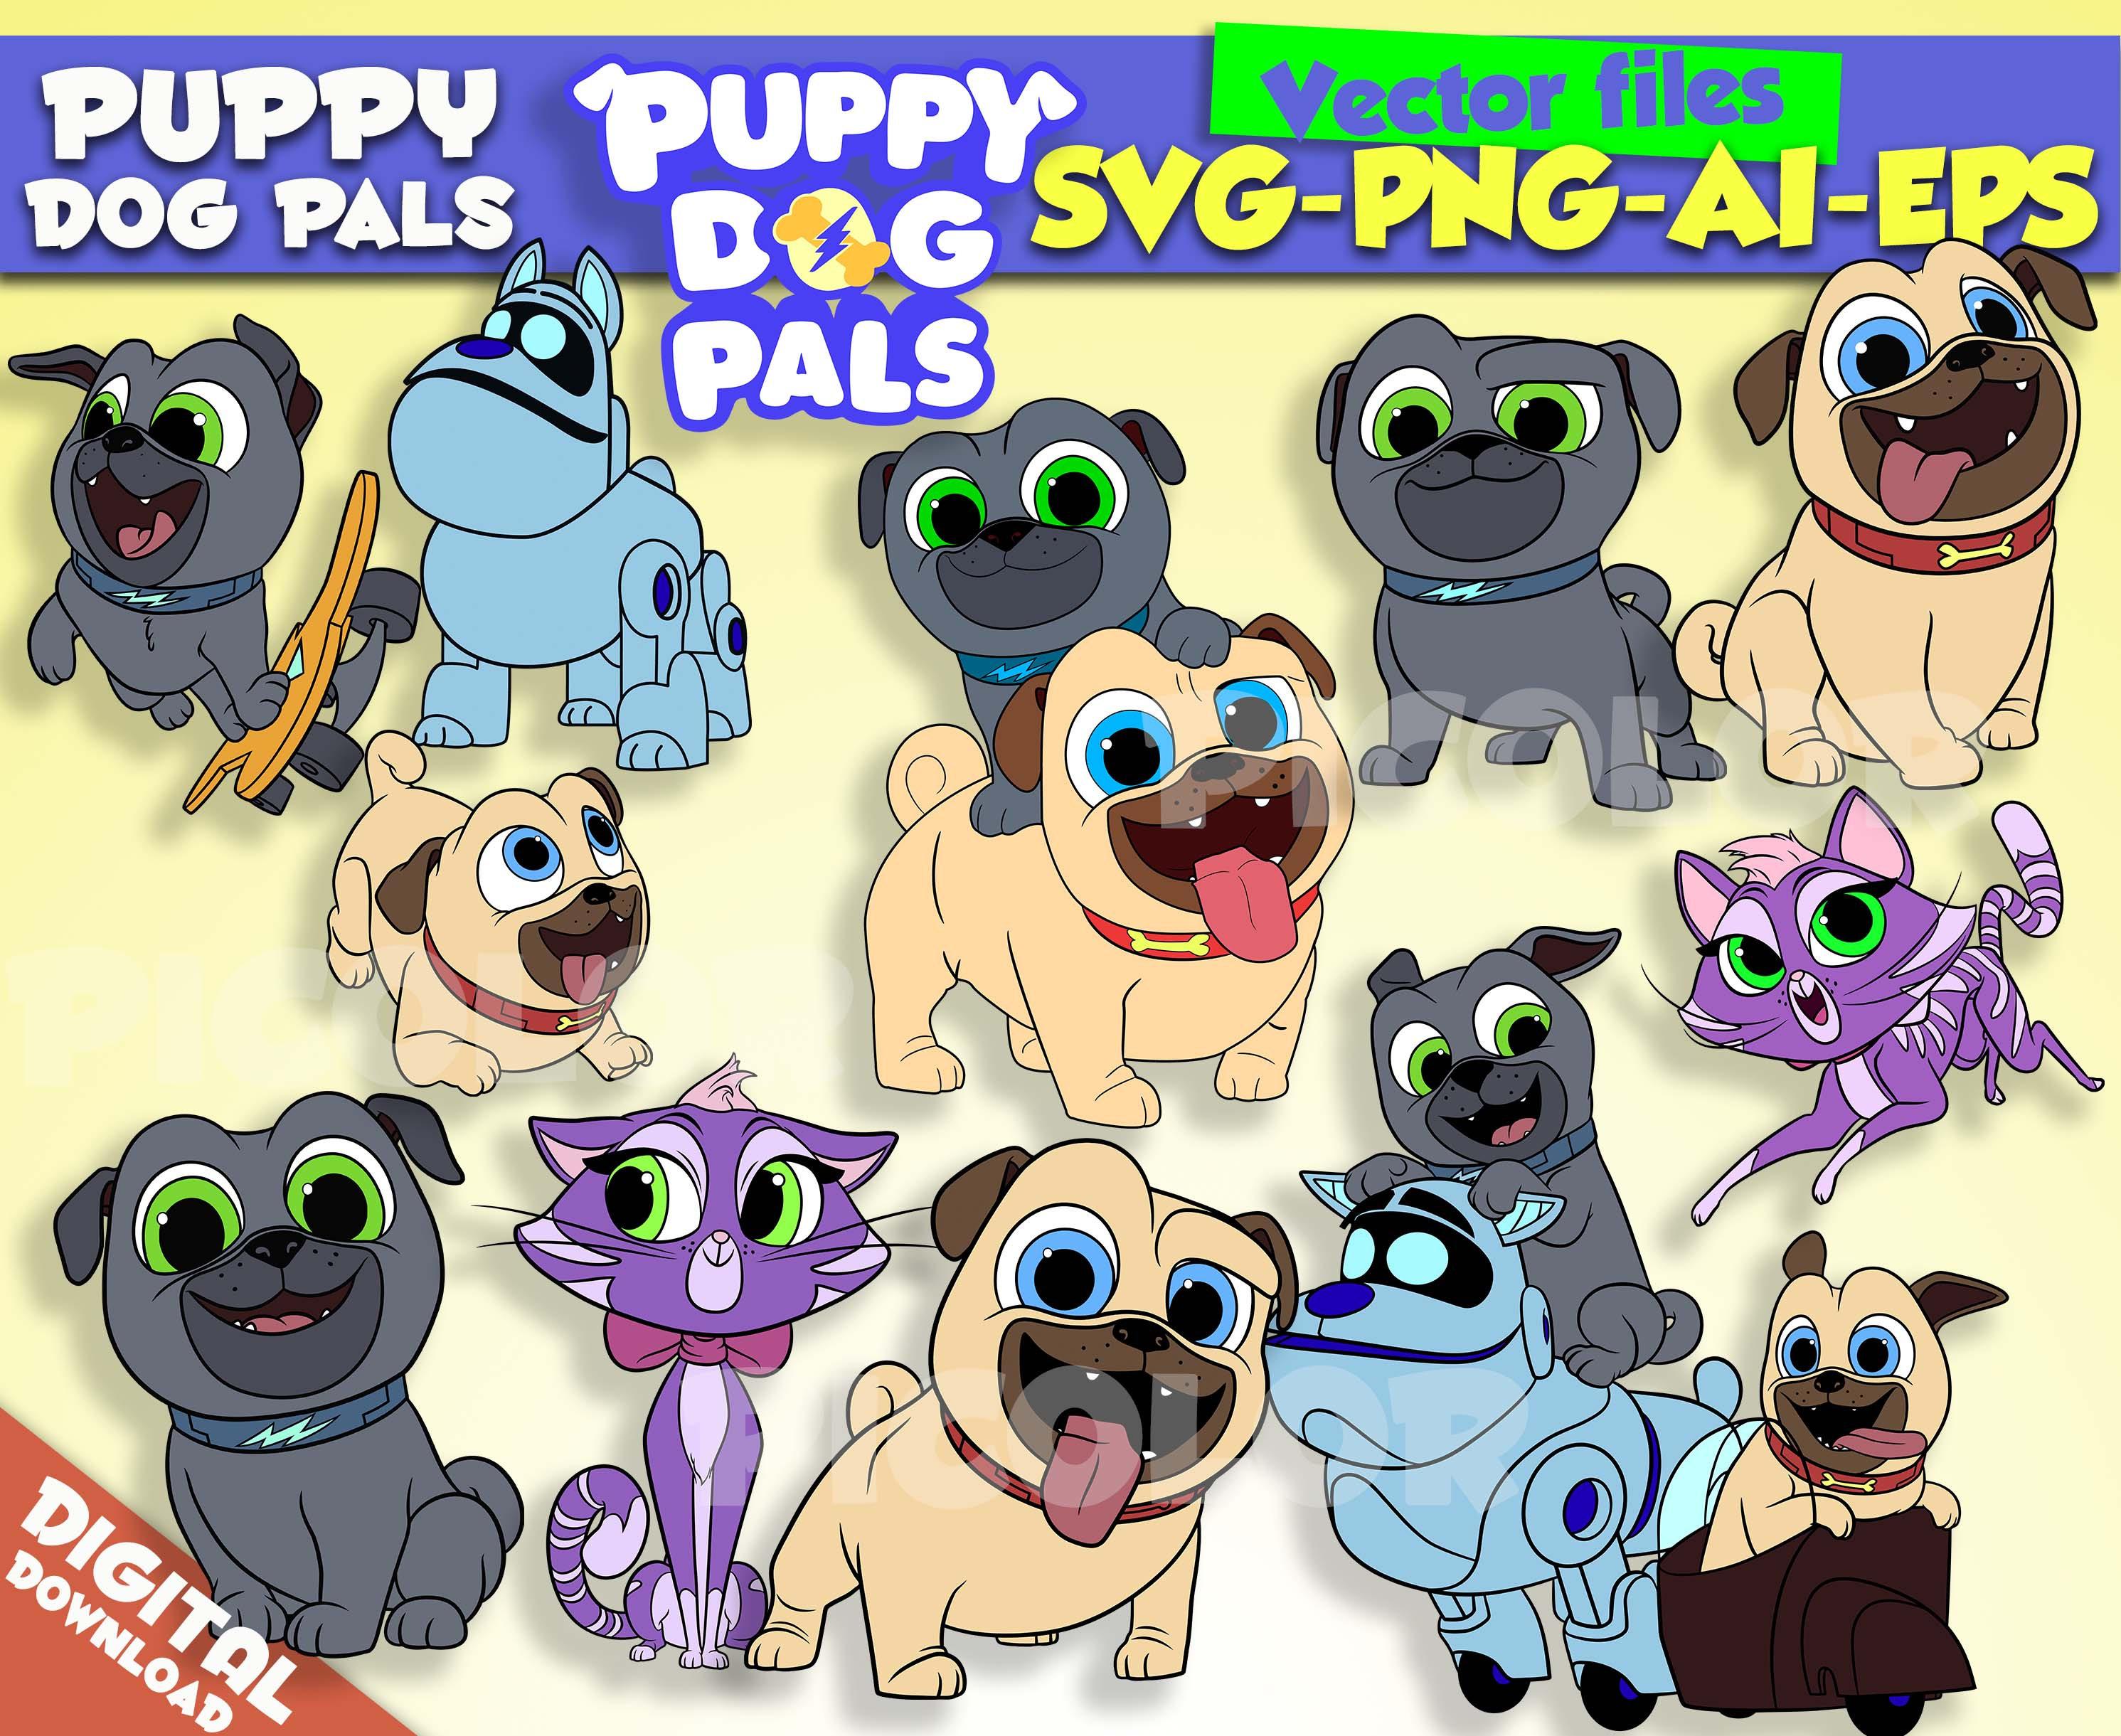 Puppy Dog Pals svg Rolly Bingo Hissy A.R.F. clipart Puppy Dog